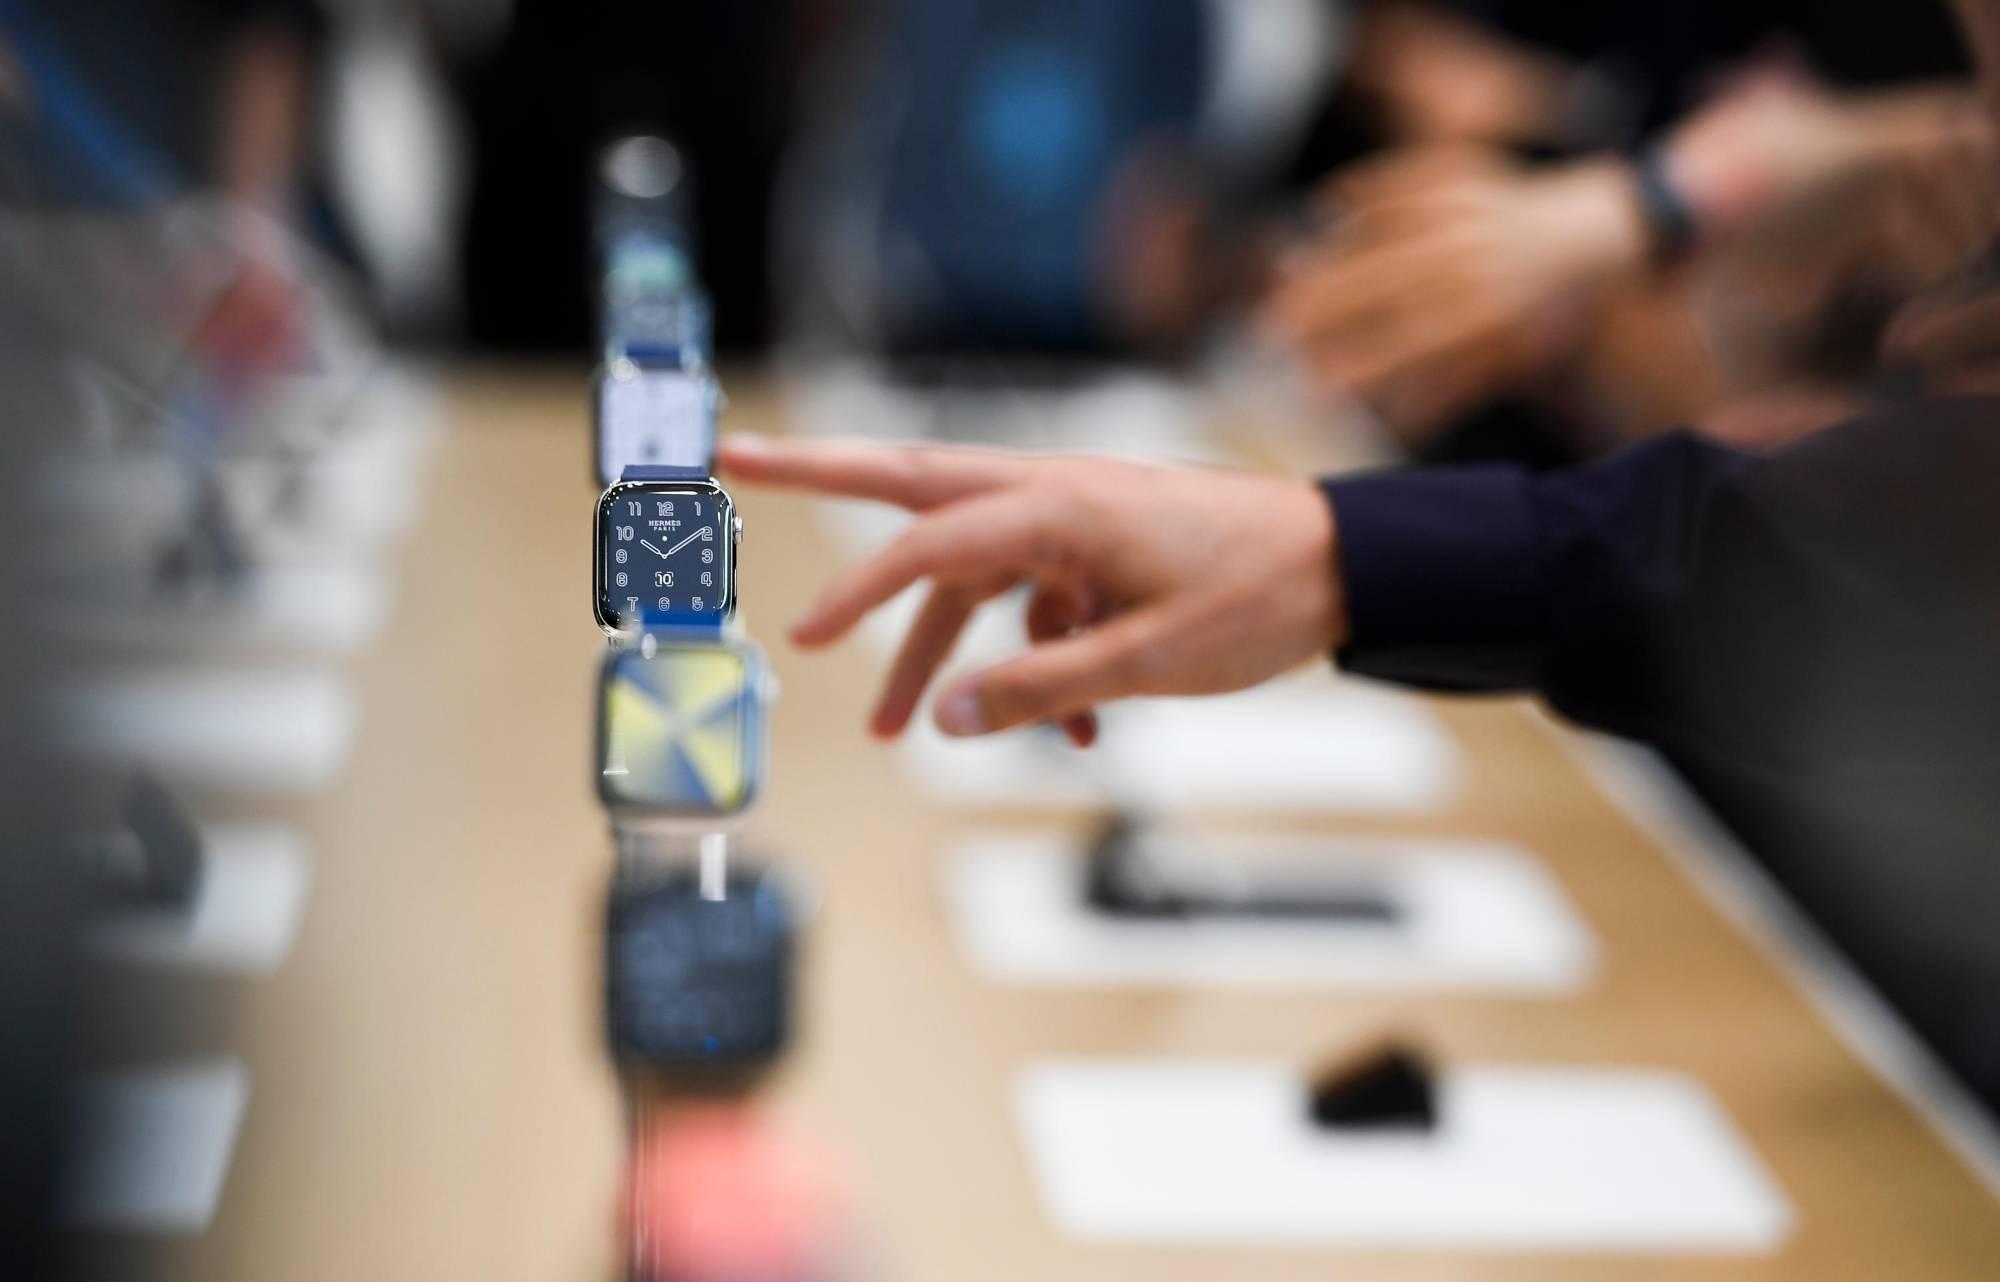 Новые Apple Watch и iPad дико дорогие. Как скоро подешевеют предыдущие модели?